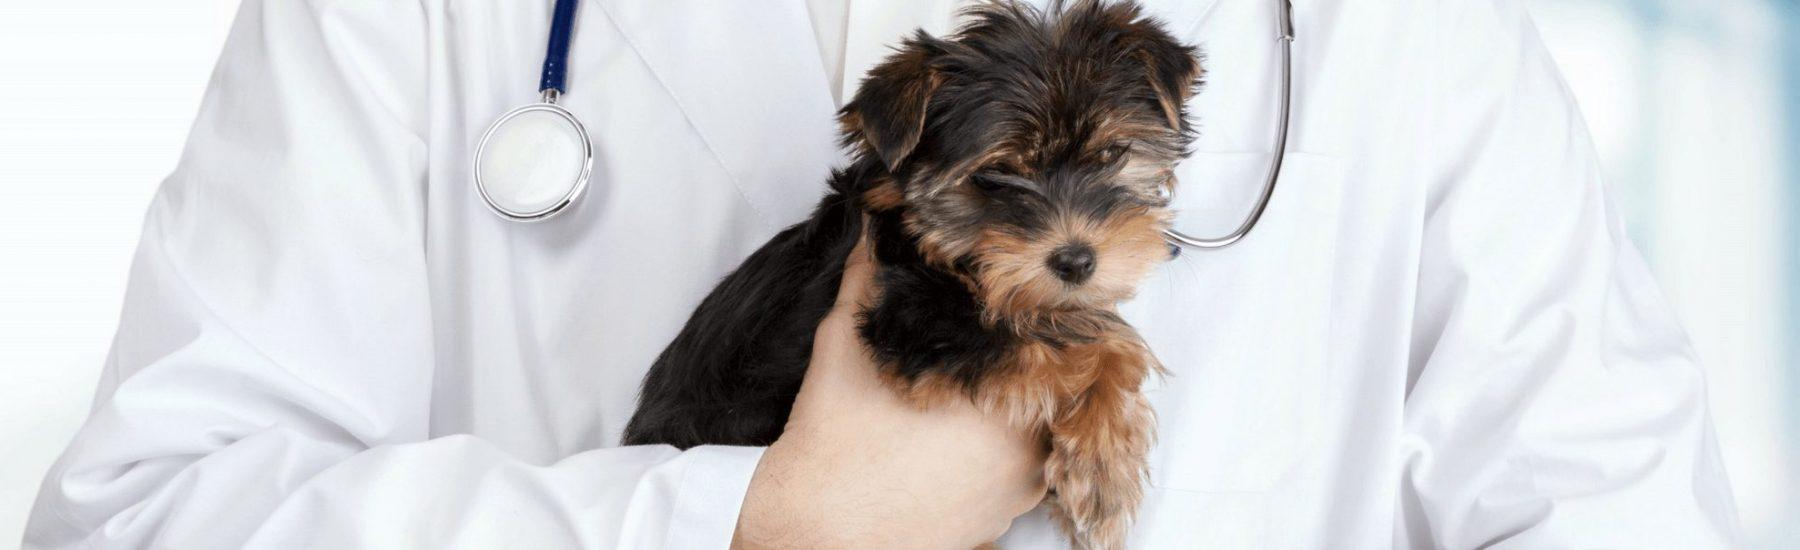 Cute puppy in a vet's hand